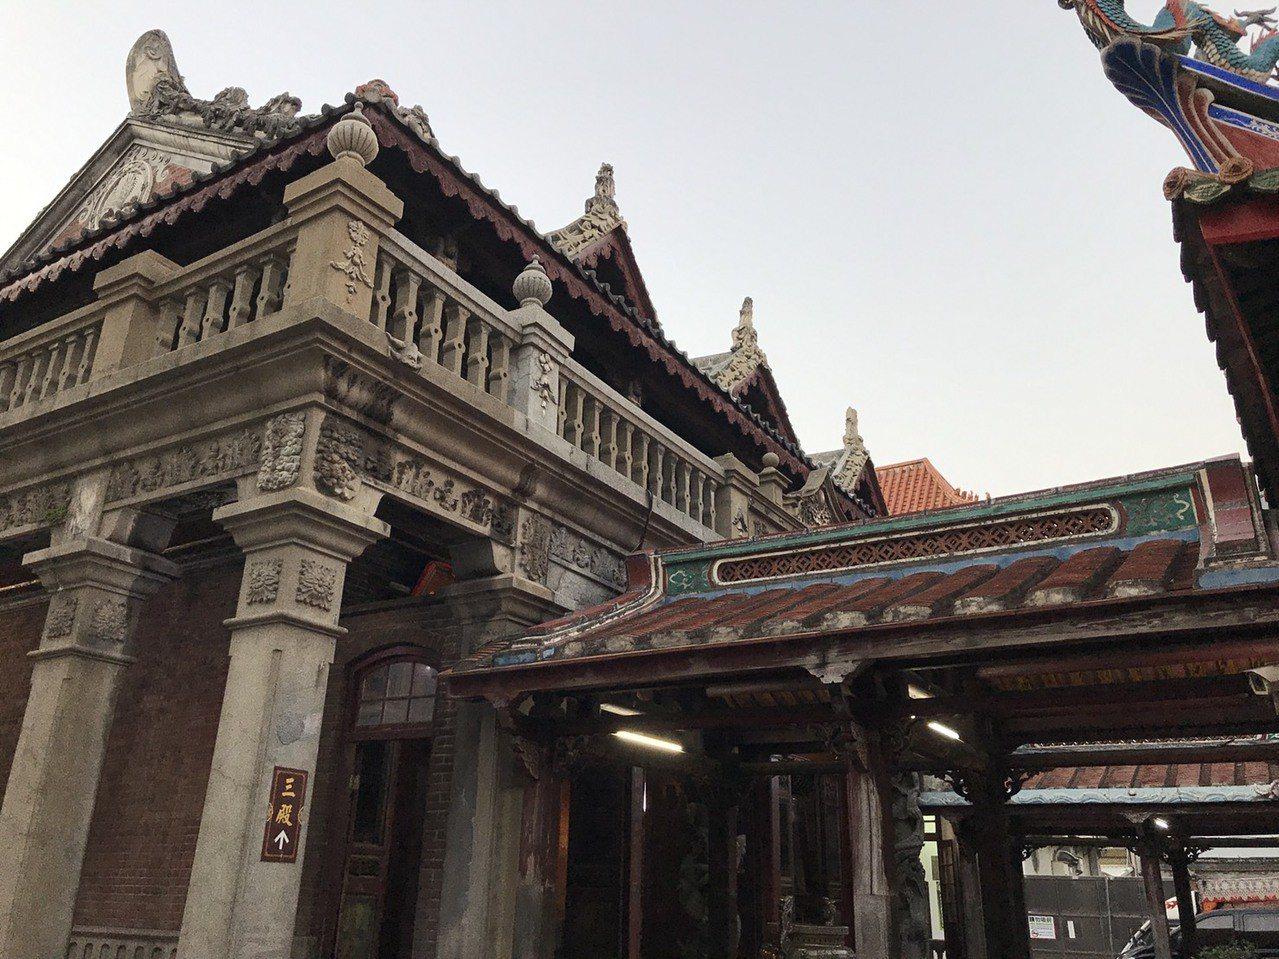 彰化市「出彰化城」團隊將於9月16日舉辦「六大古廟之行---中臺灣傳統建築藝術之...